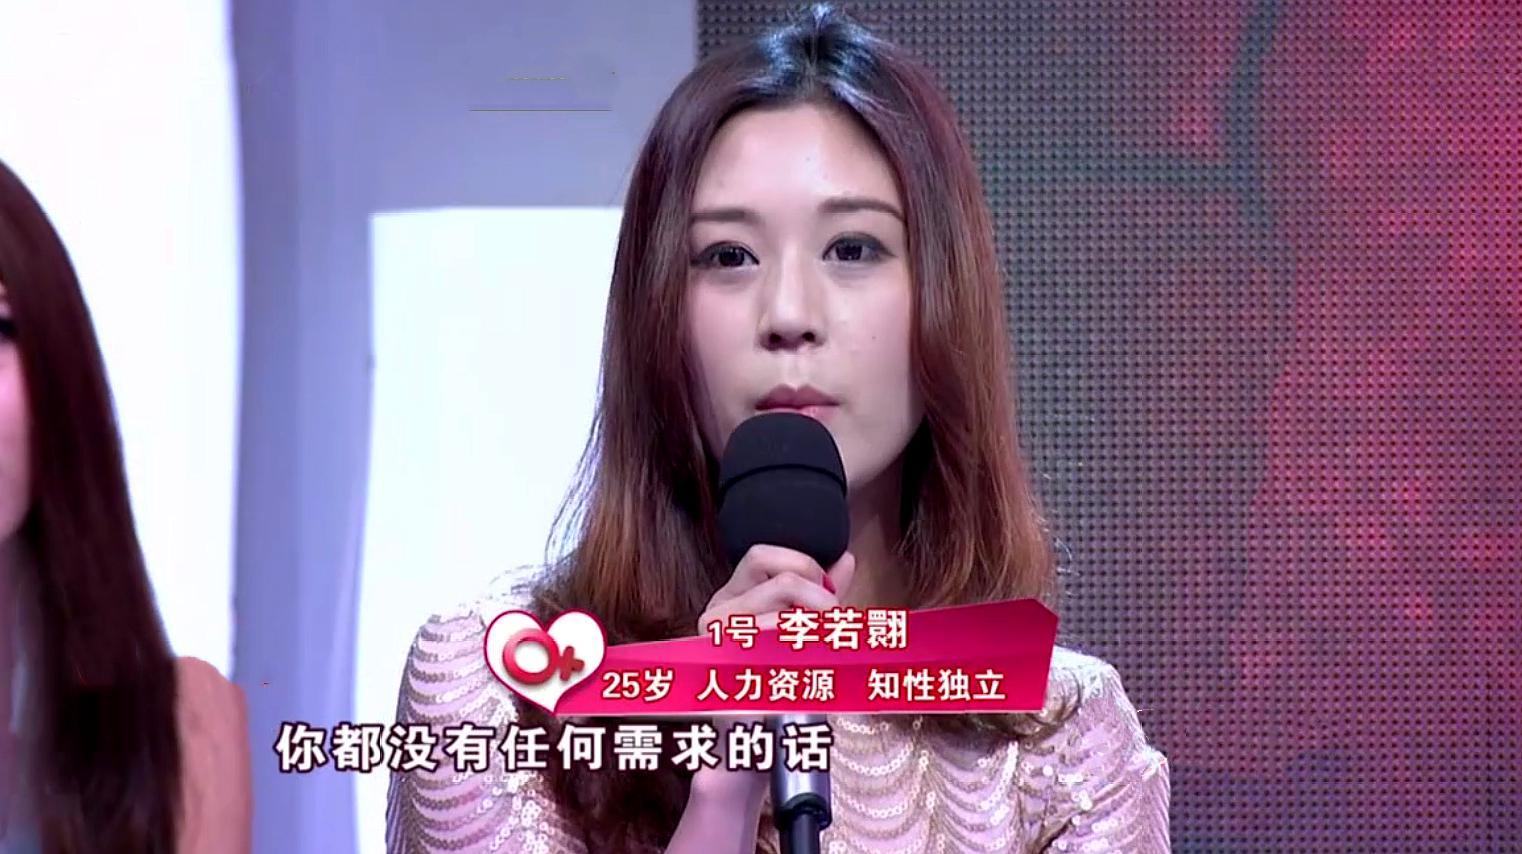 优秀美籍华人来相亲,竟遭遇过异国网恋骗局,前来节目寻找真爱